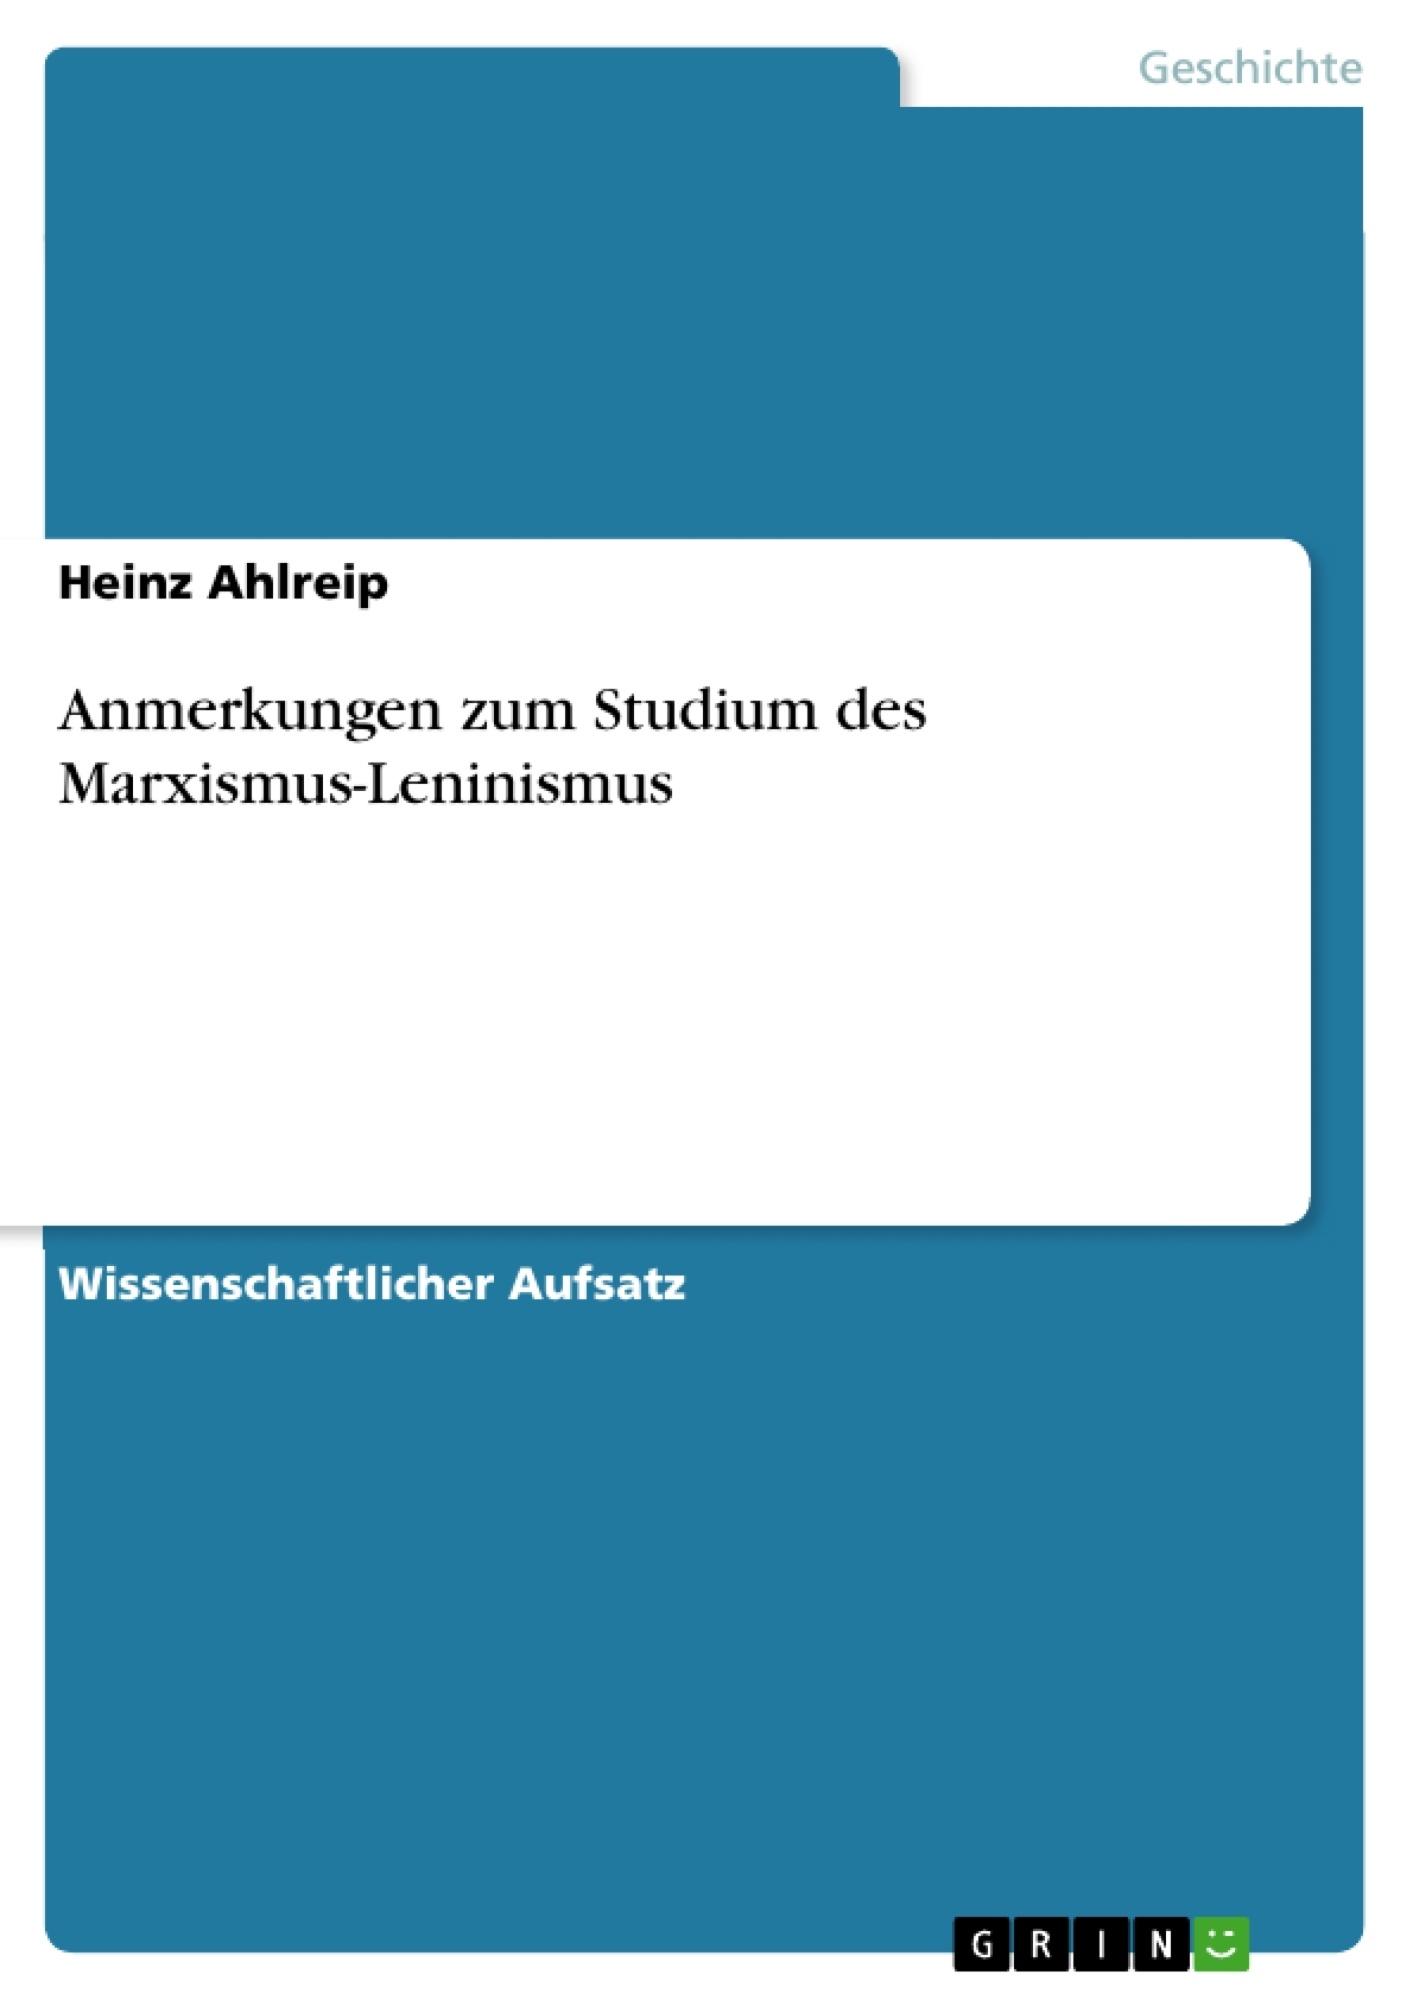 Titel: Anmerkungen zum Studium des Marxismus-Leninismus